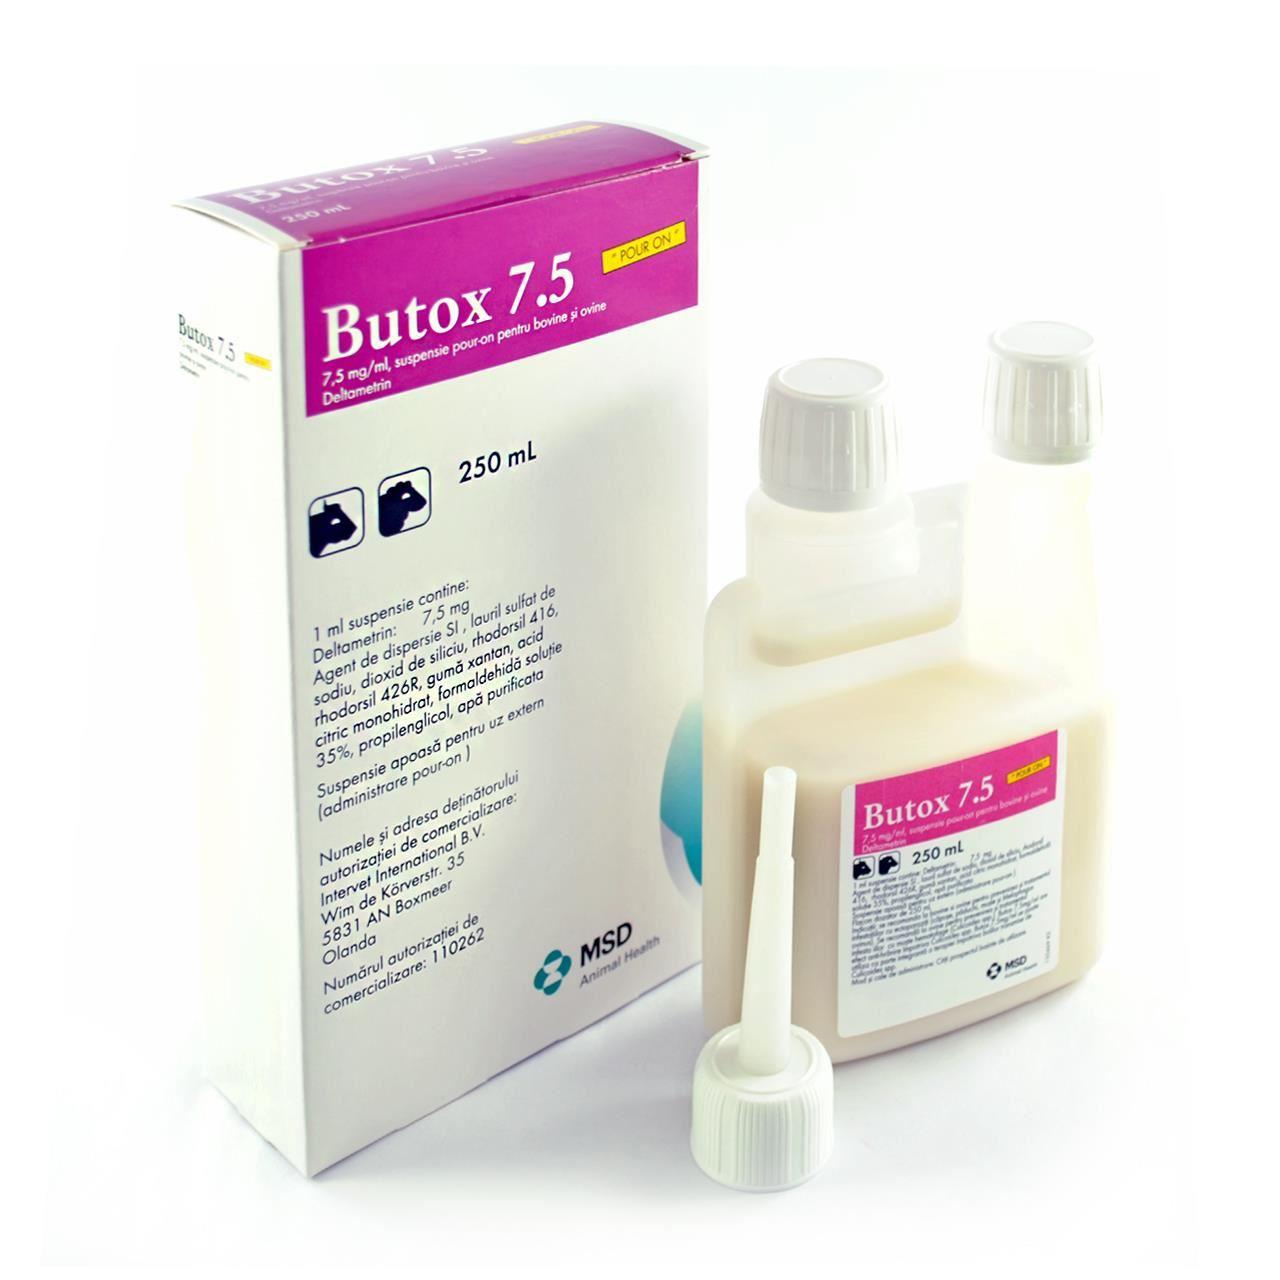 BUTOX POUR-ON 7.5% 250ml